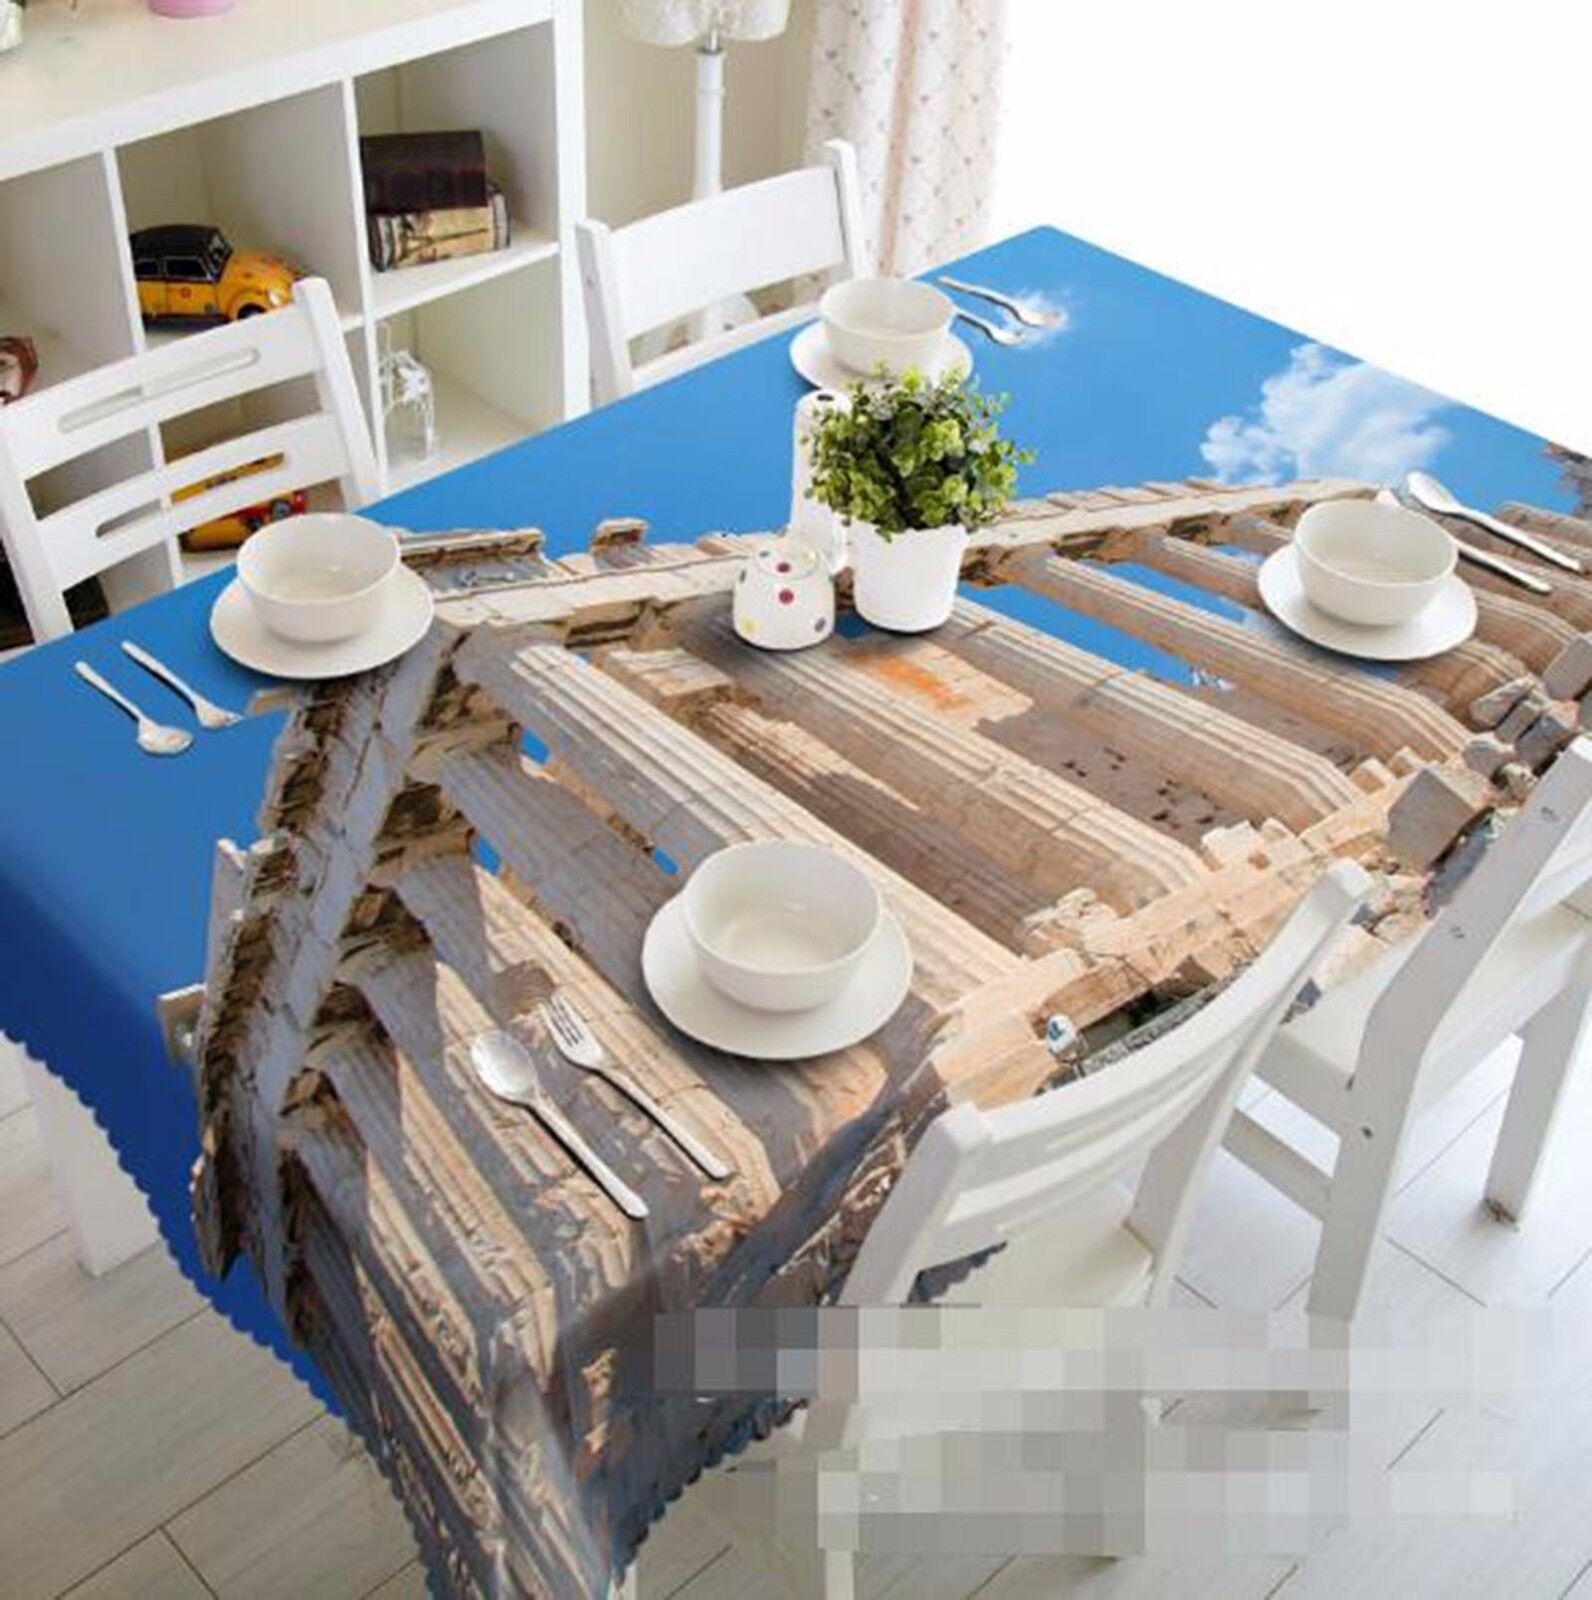 3D ciel pilier Nappe Table Cover Cloth fête d'anniversaire AJ papier peint Royaume-Uni Citron